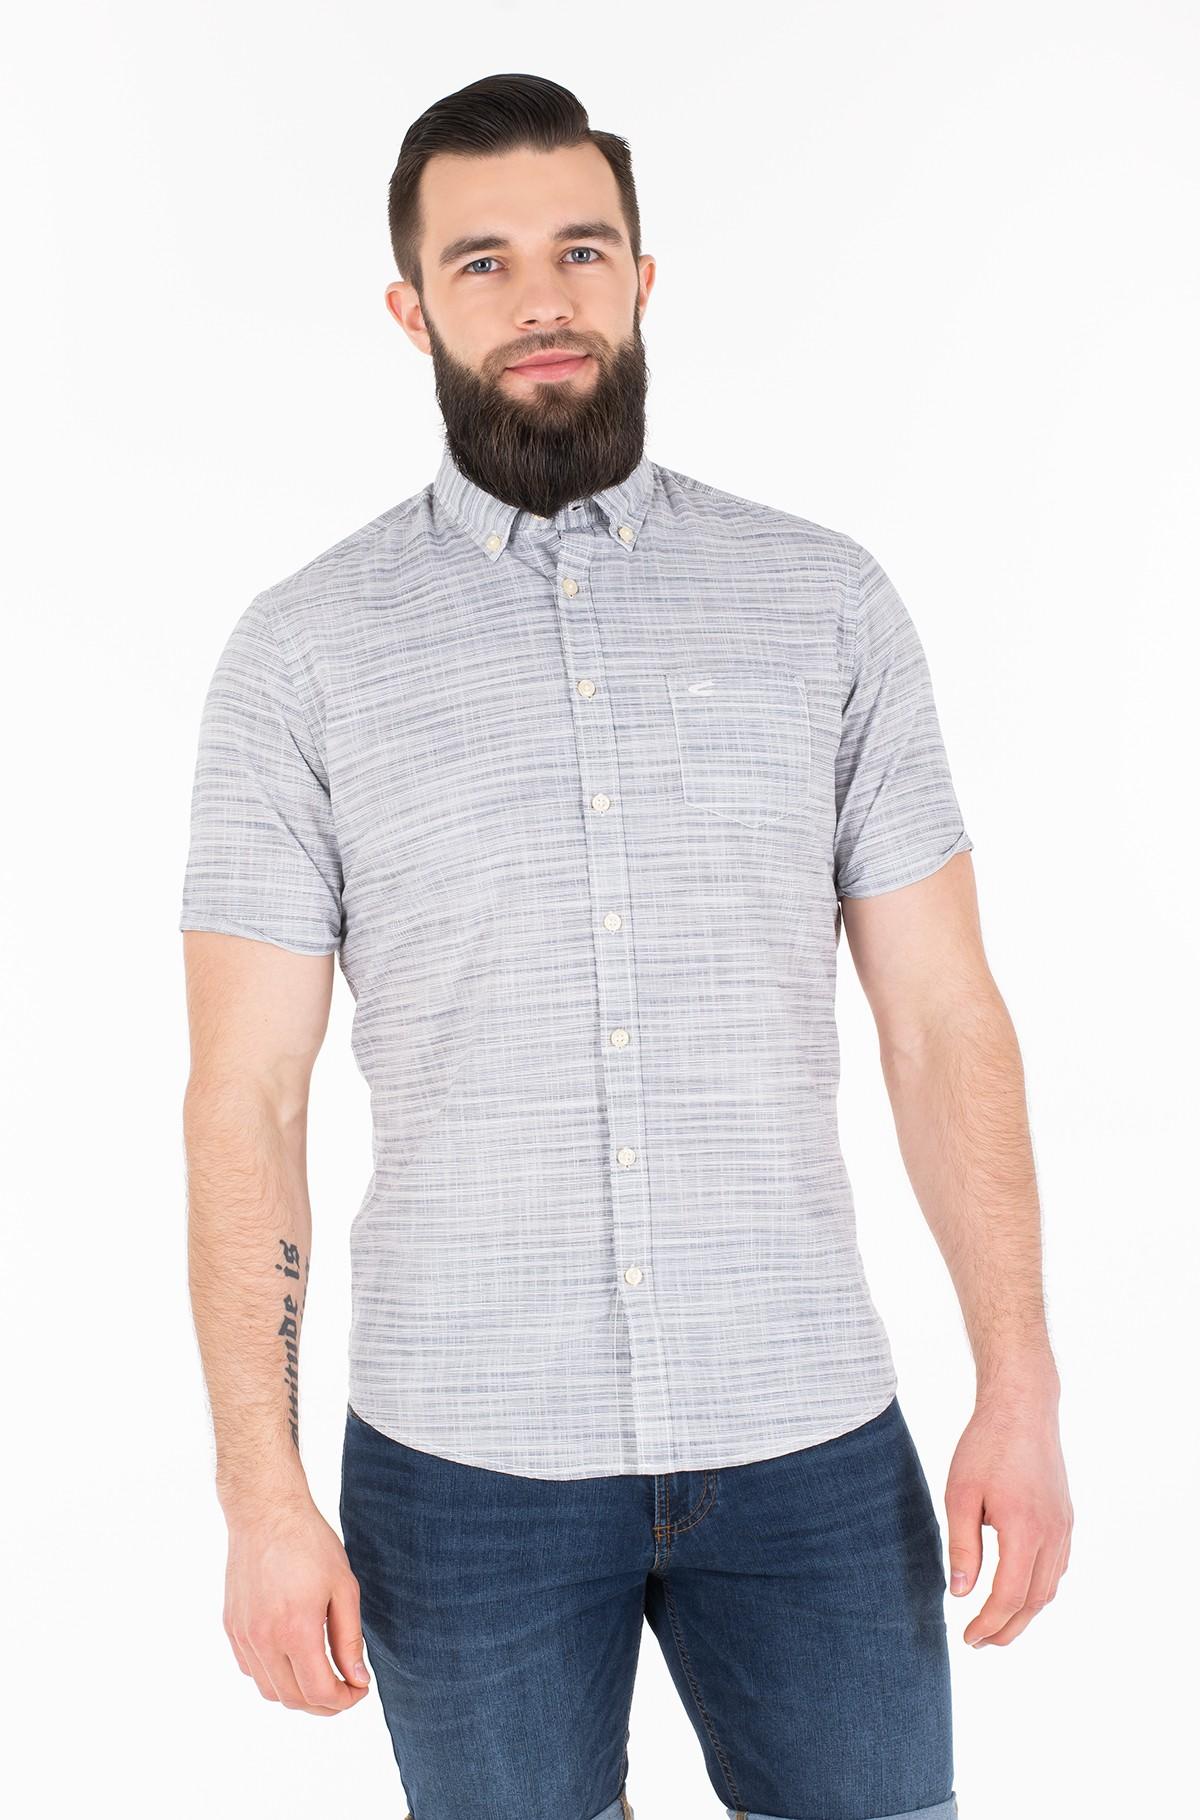 Marškiniai su trumpomis rankovėmis 31.115424-full-1